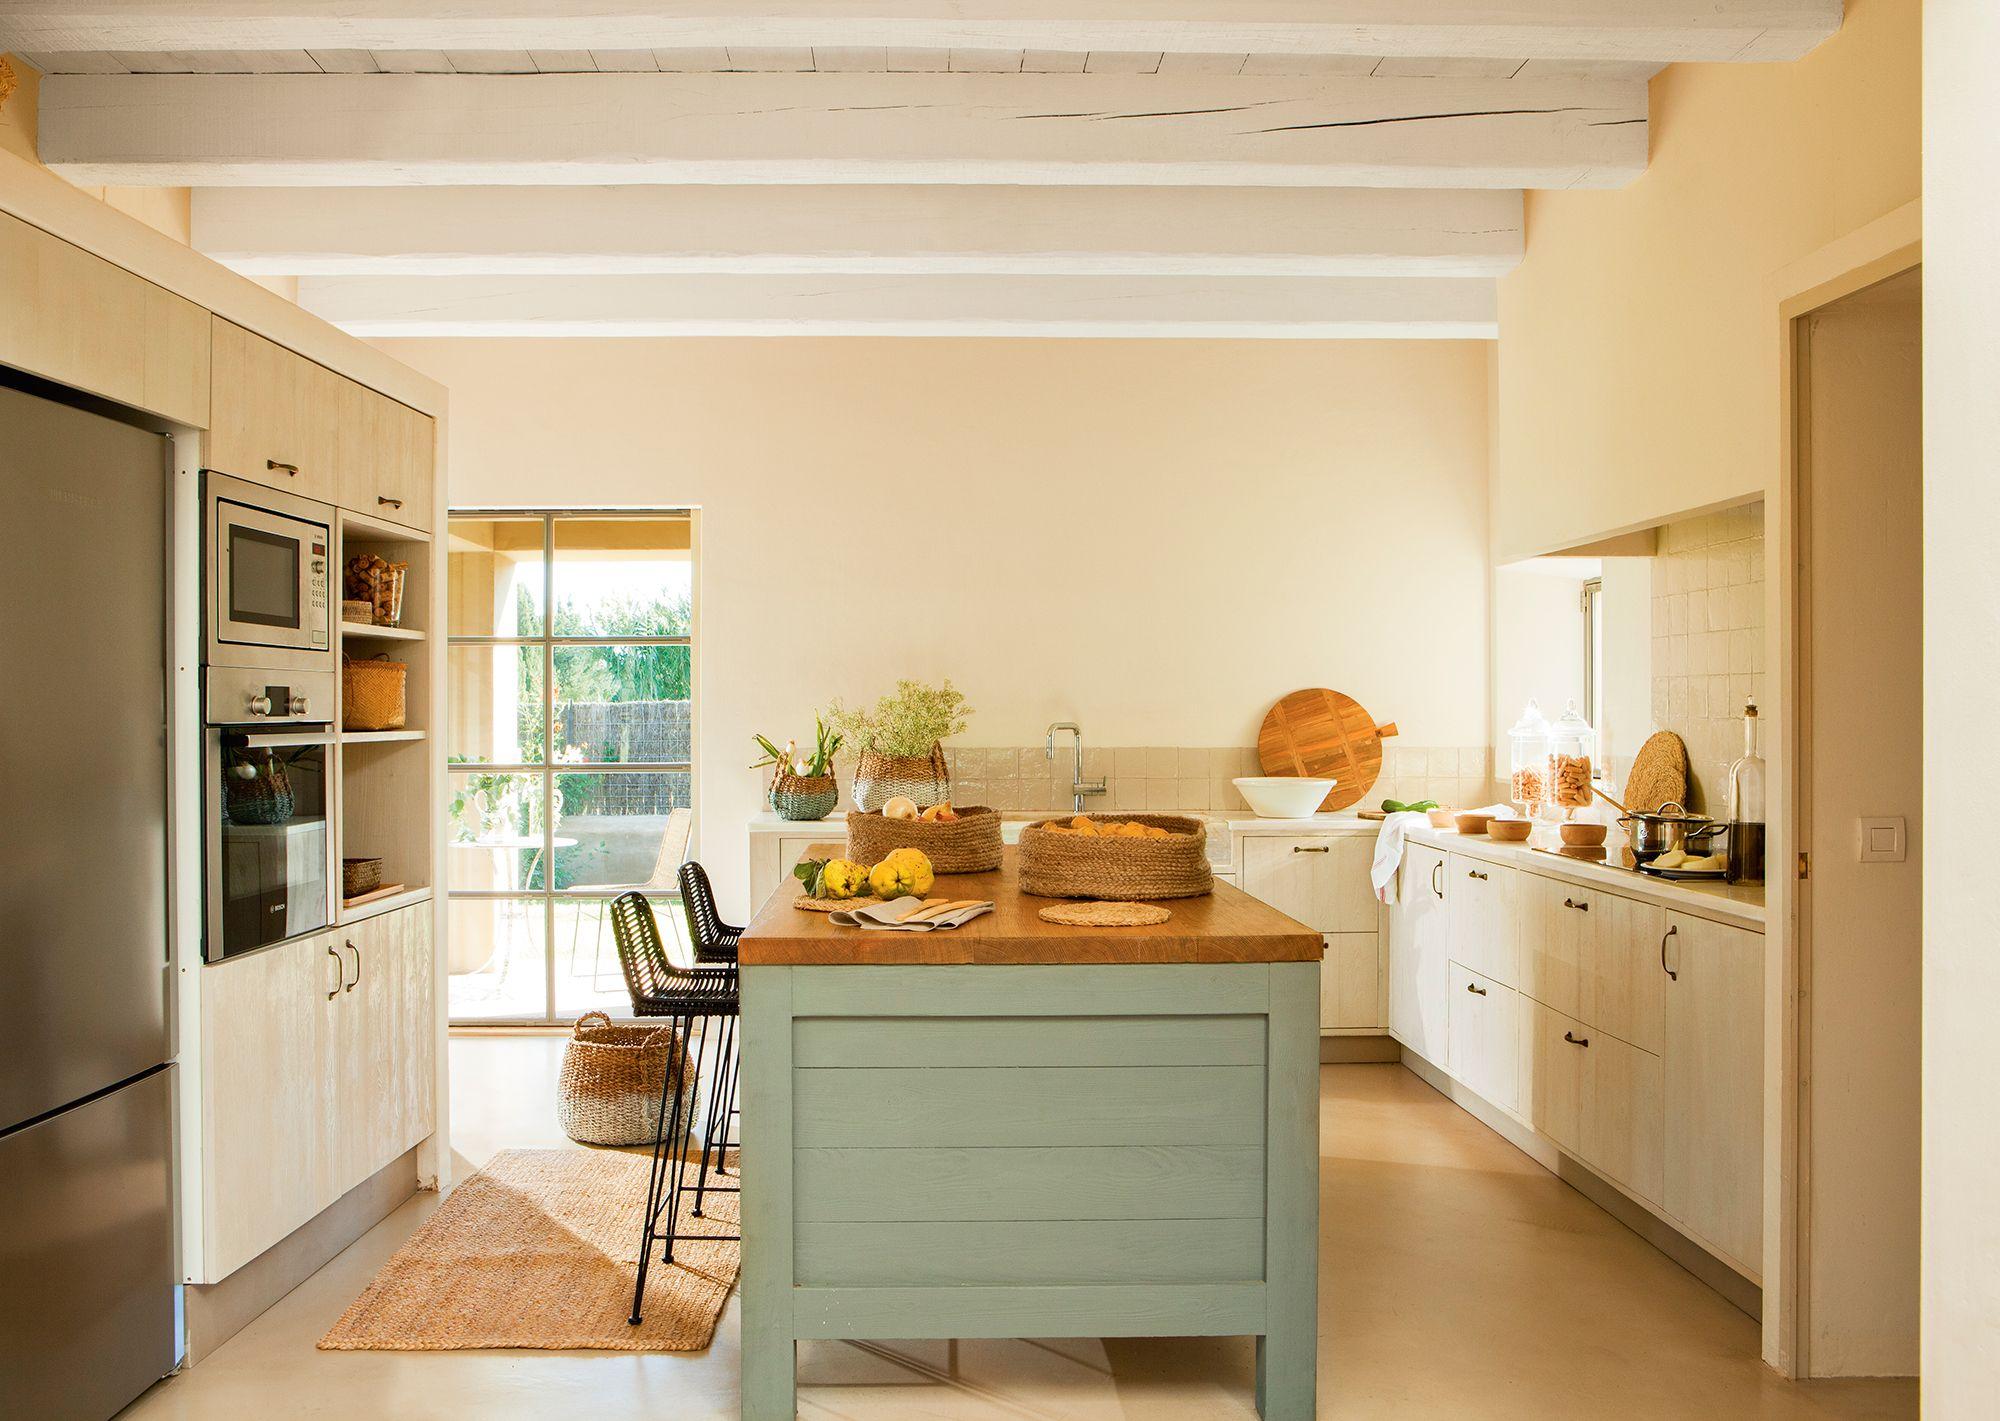 Muebles Vintage Cocina | Crea Vintage Mueble De Cocina De Los AÑos 60